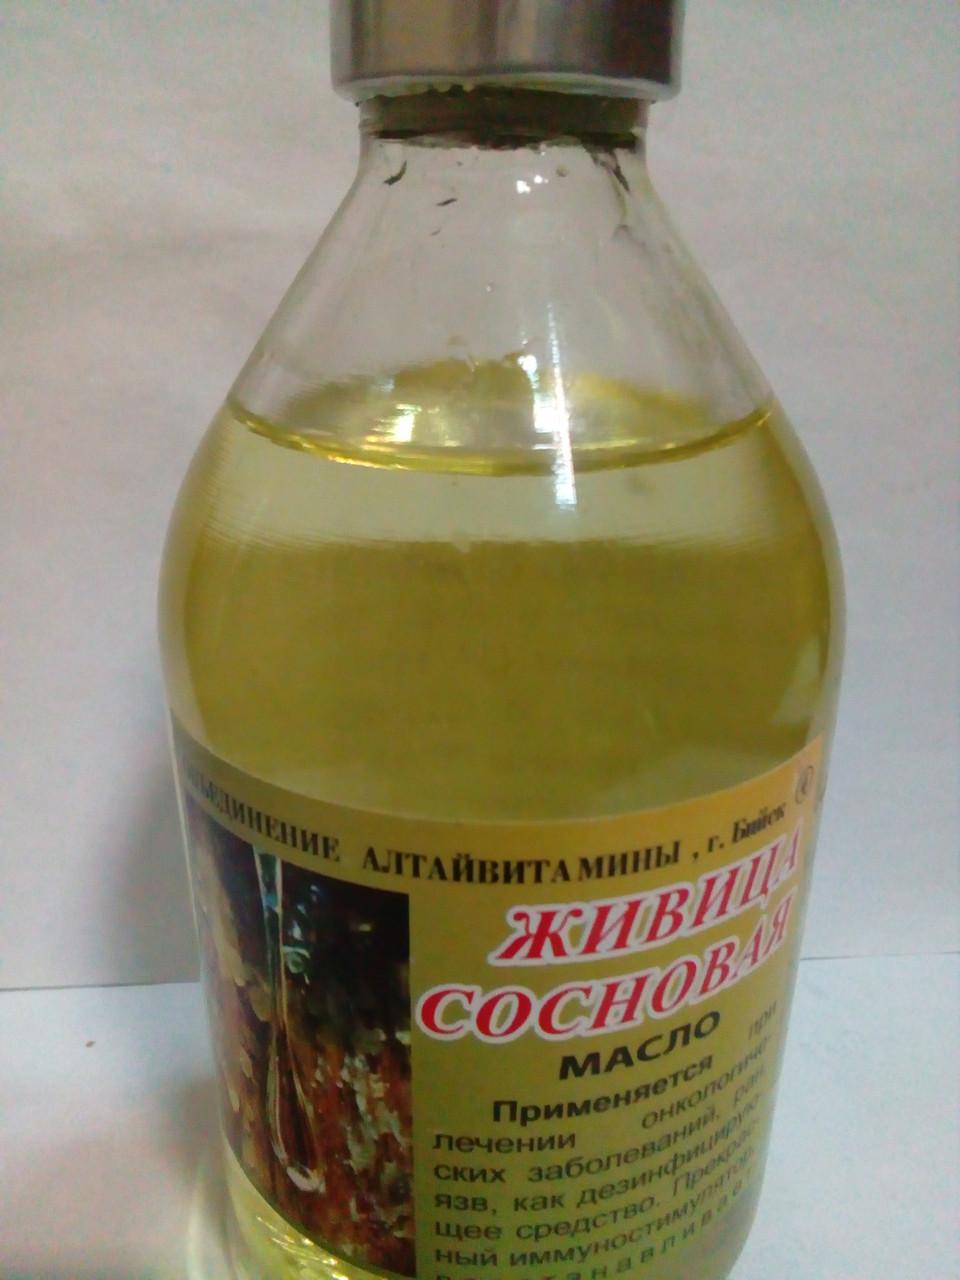 Живица сосновая масло- язвы, долго незаживающие раны (250мл.,Алтайвитамины,Россия)